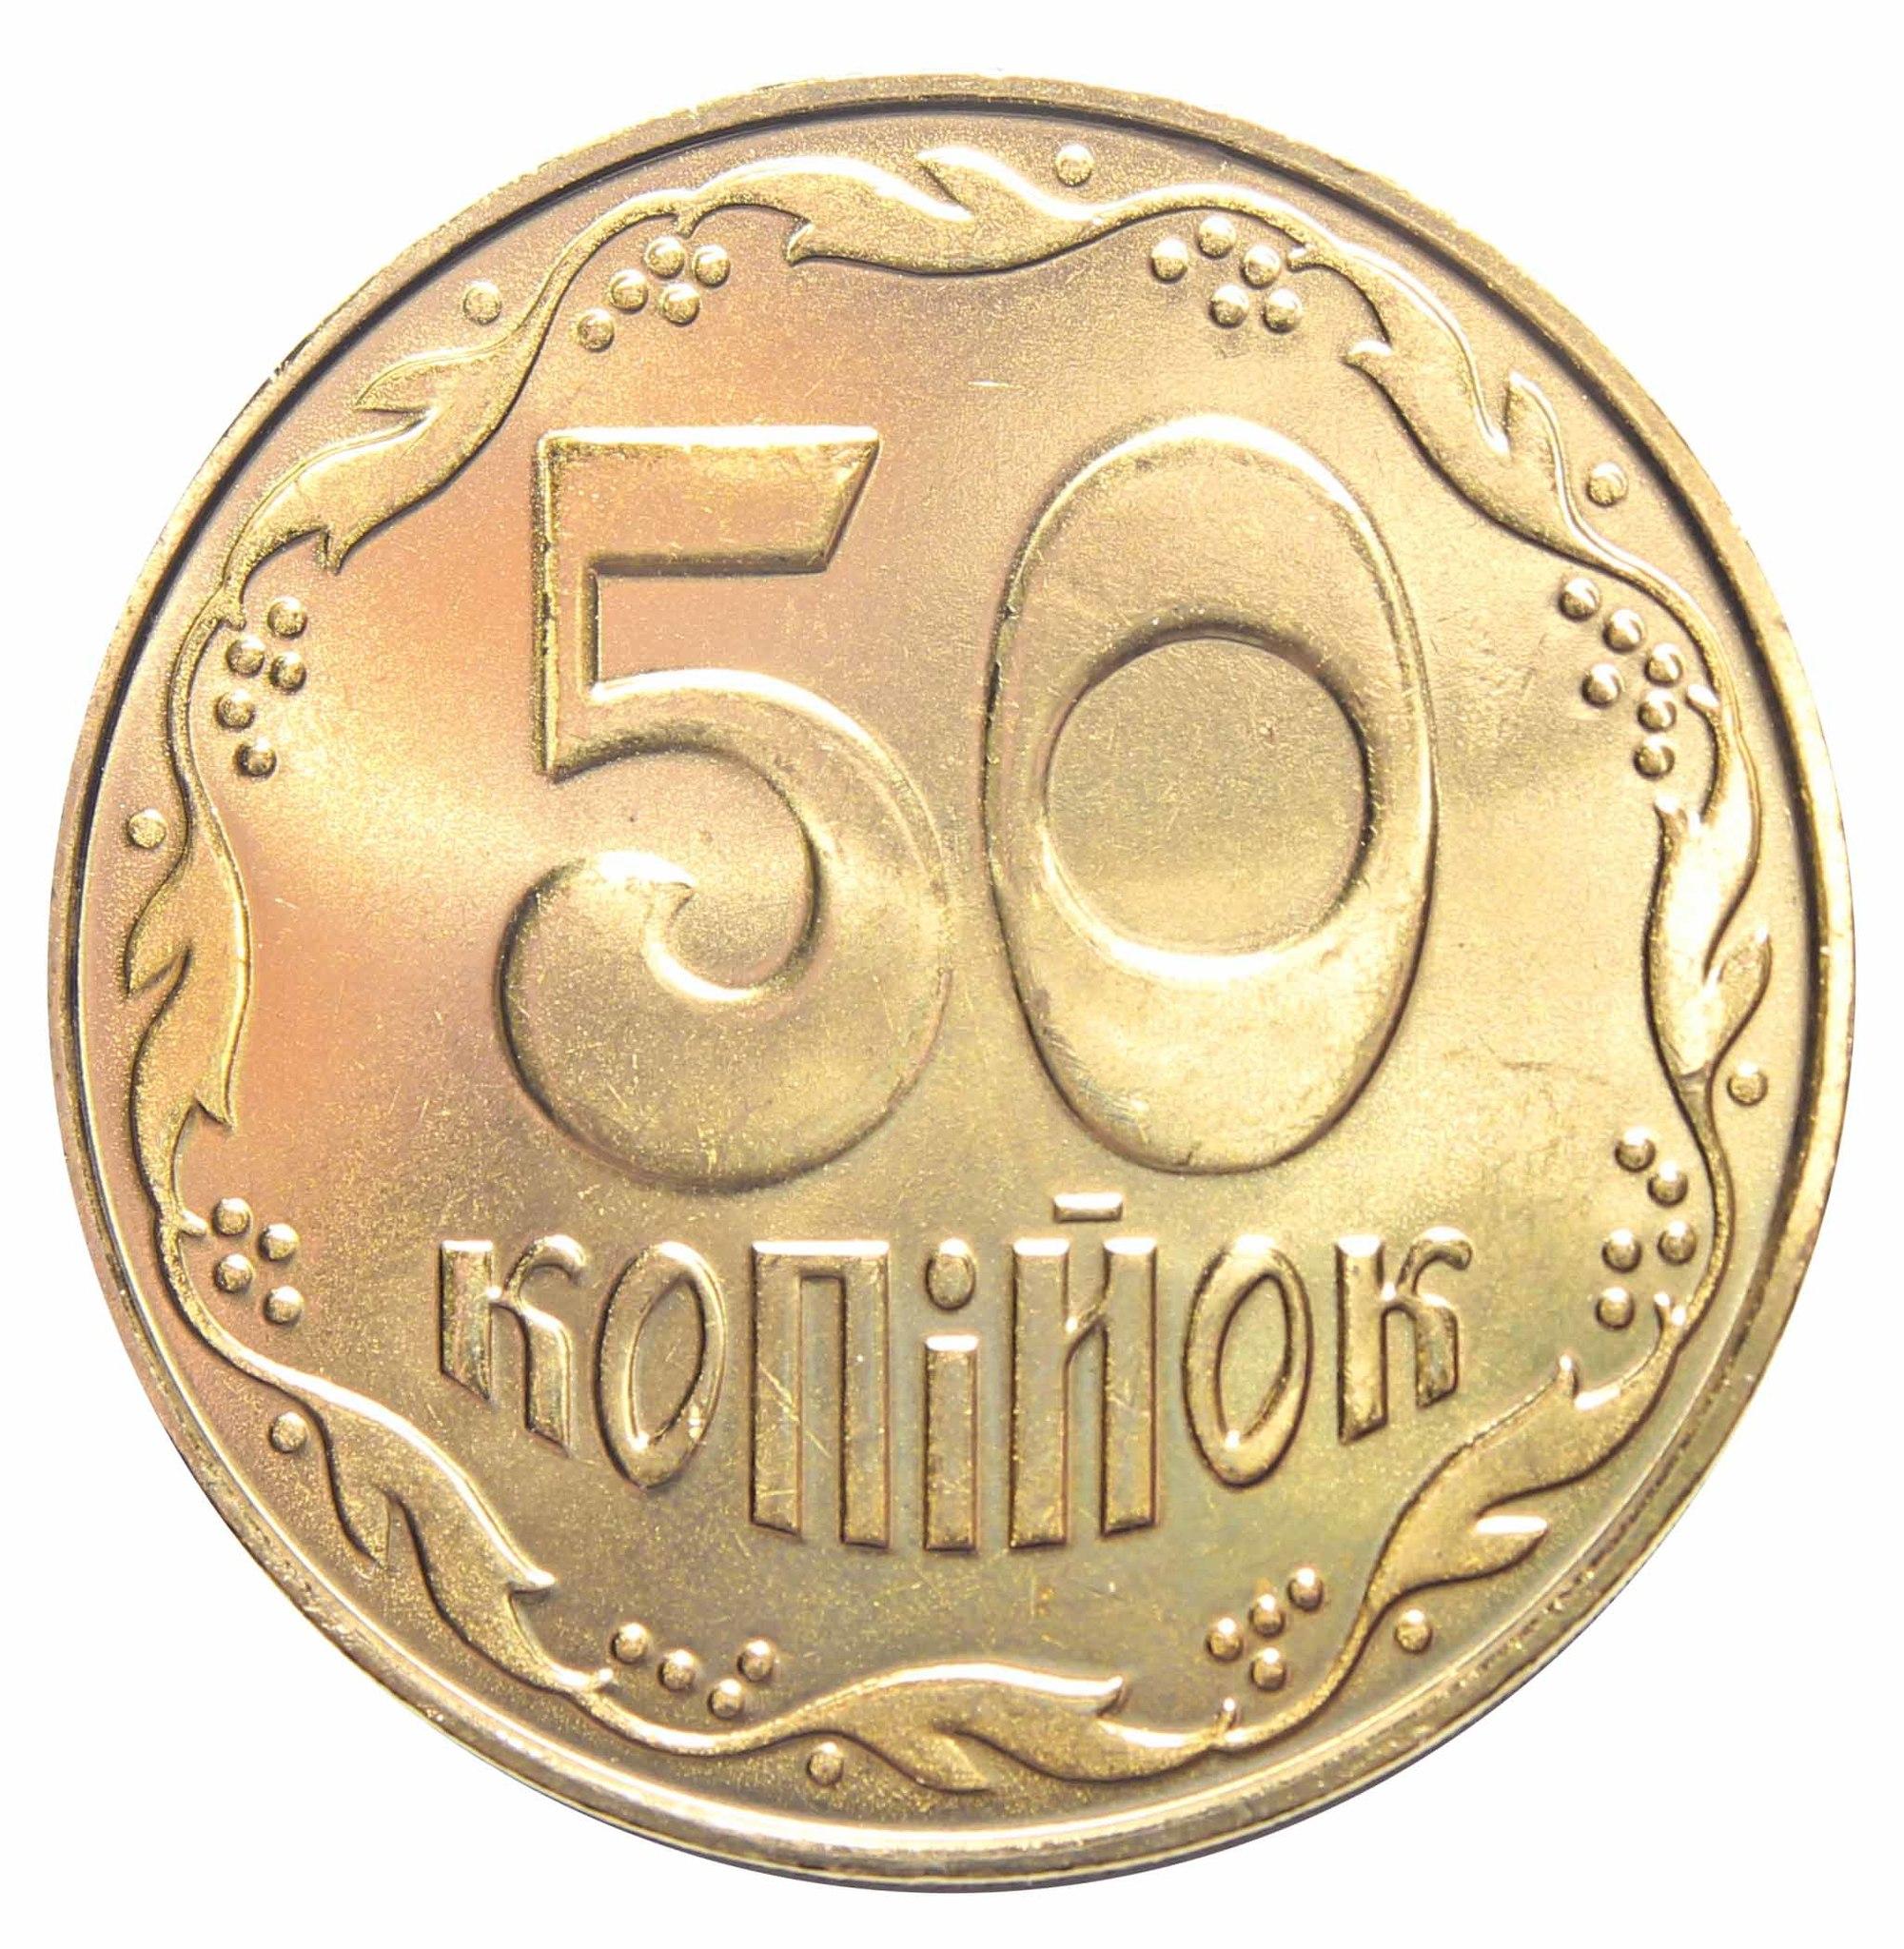 50 копеек 2014 год, Украина. UNC